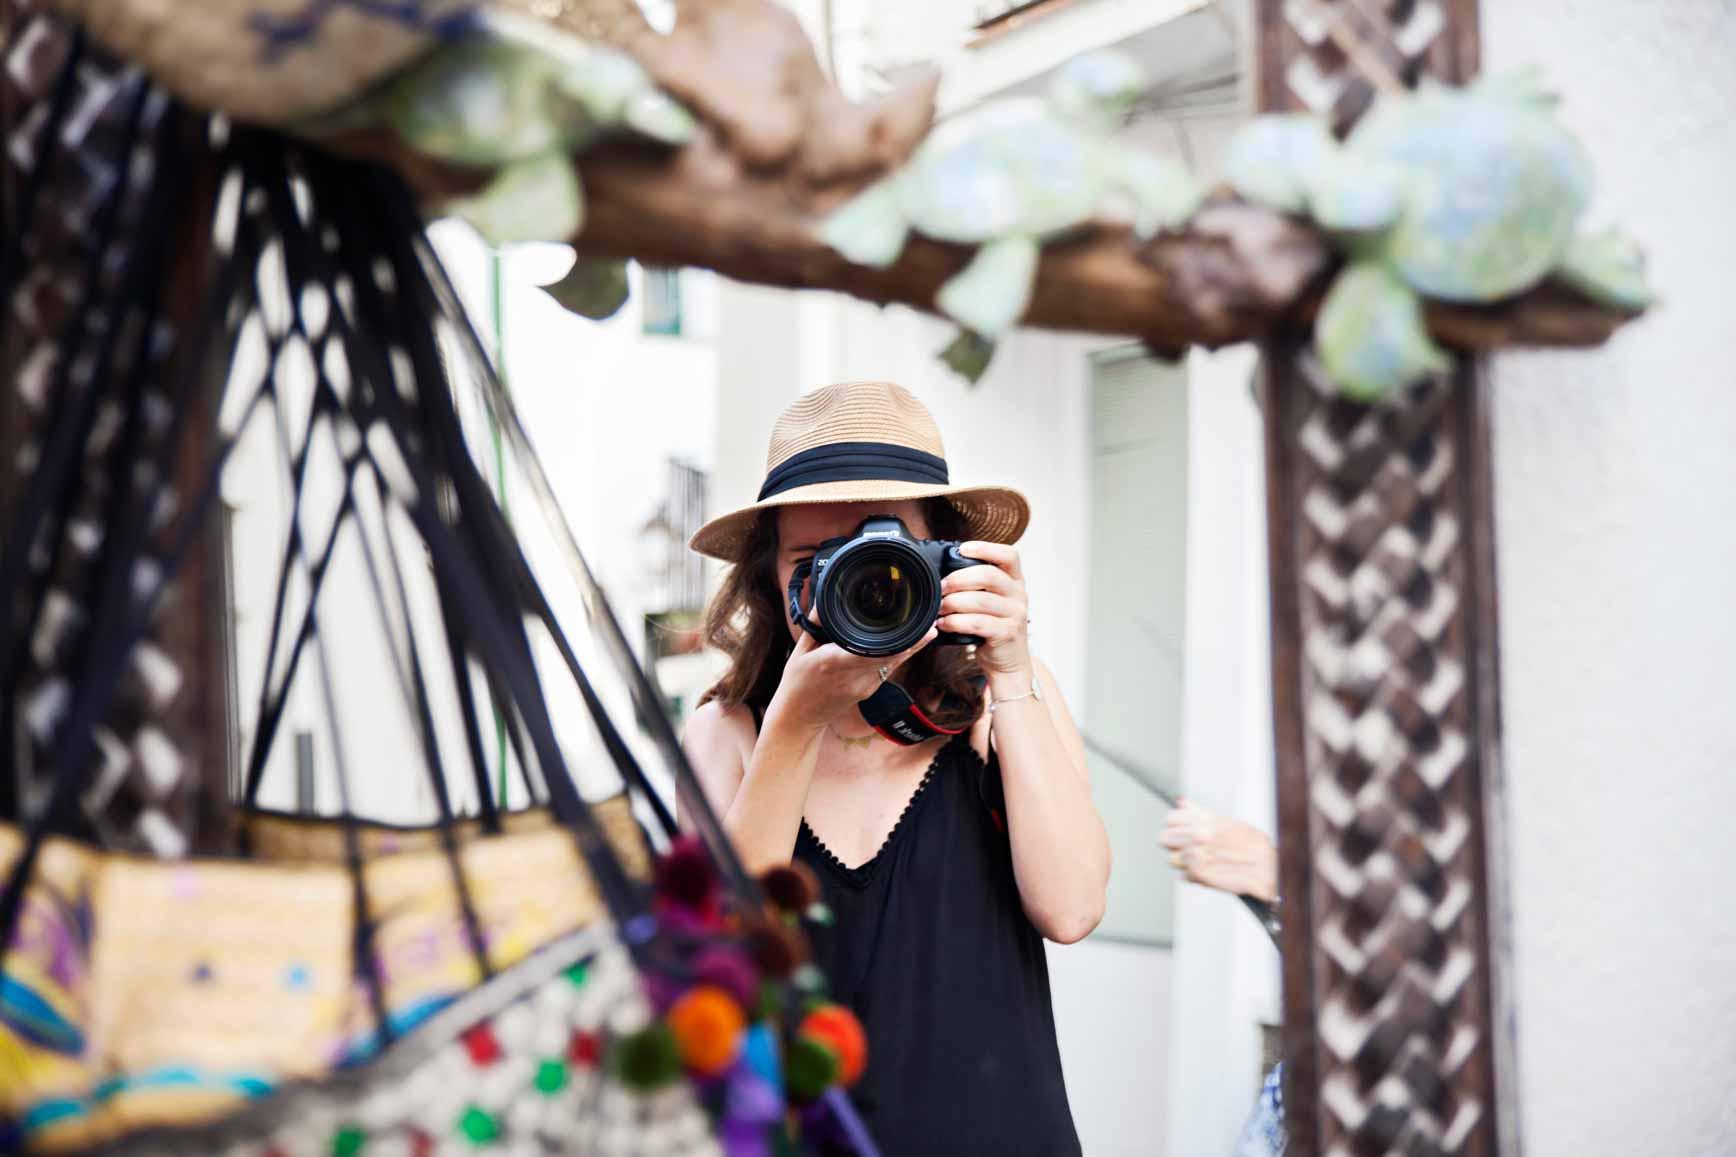 Redescubre tu mirada: Mi equipo fotográfico